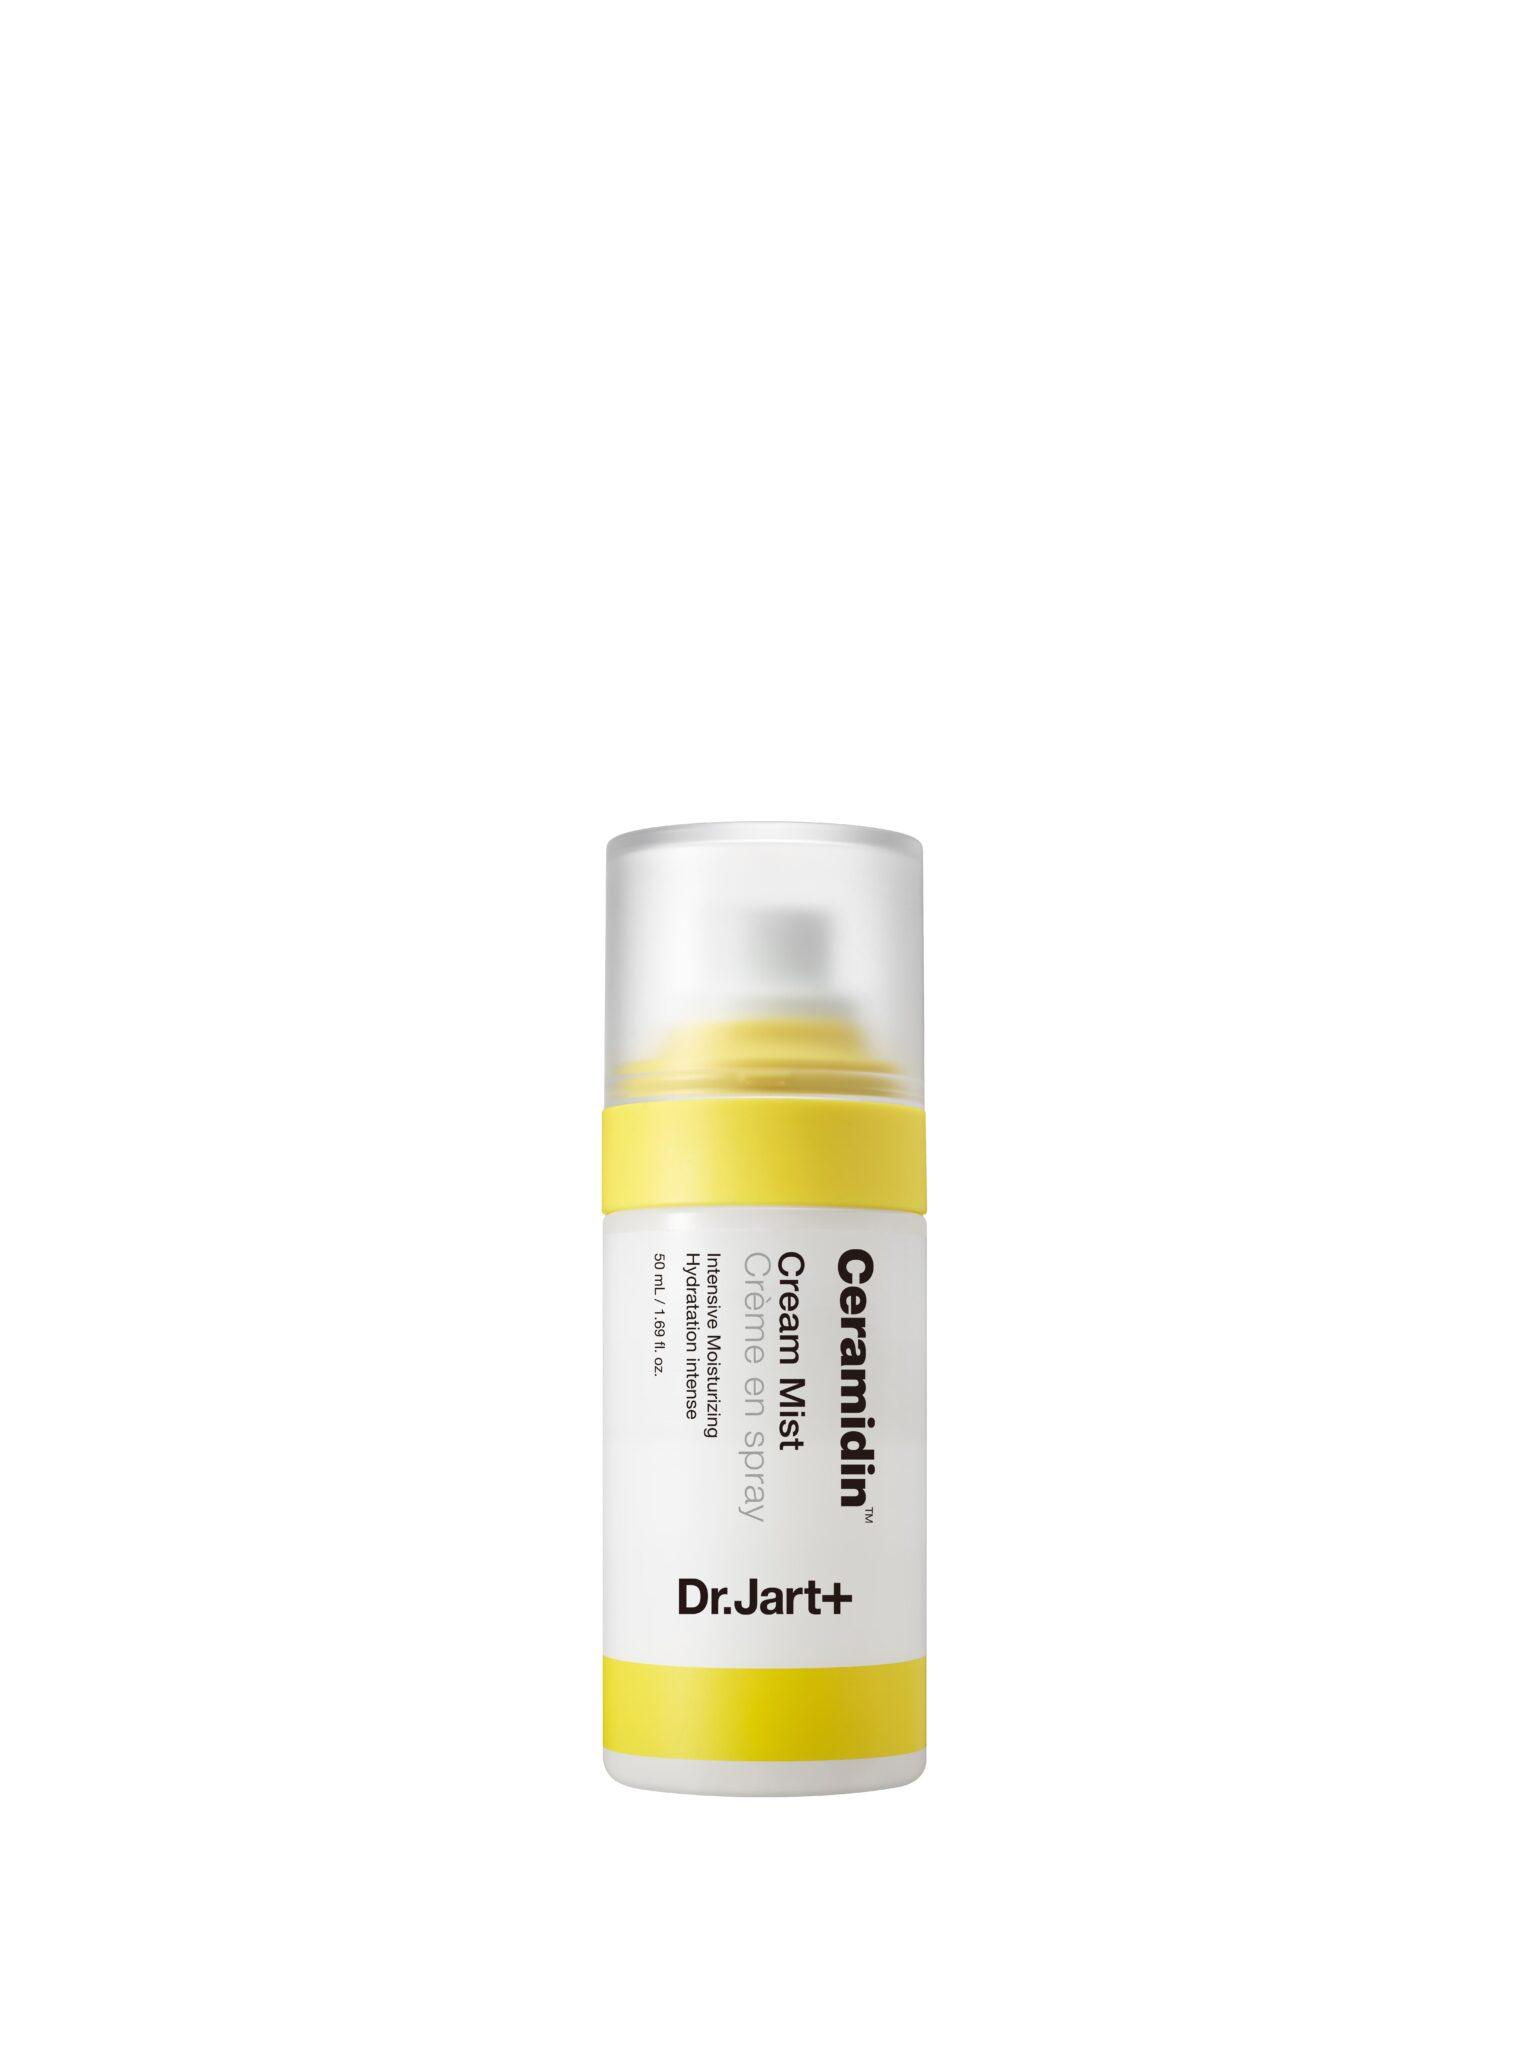 L'acqua spray idratante Dr.Jart con ceramidi da spruzzare sul viso in primavera per un'immediata sensazione di freschezza